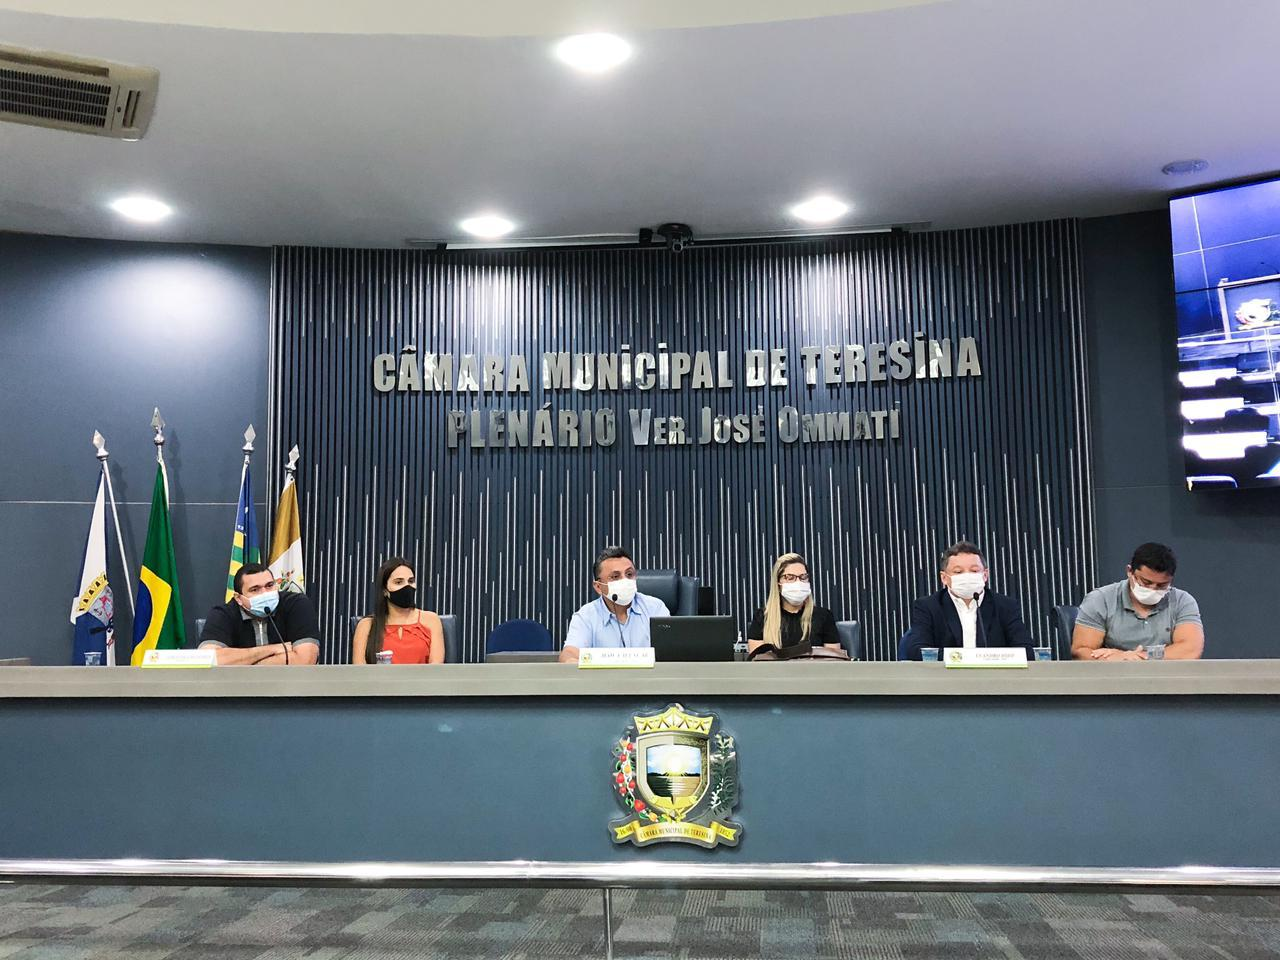 Audiência pública na Câmara Municipal de Teresina - Foto: Divulgação